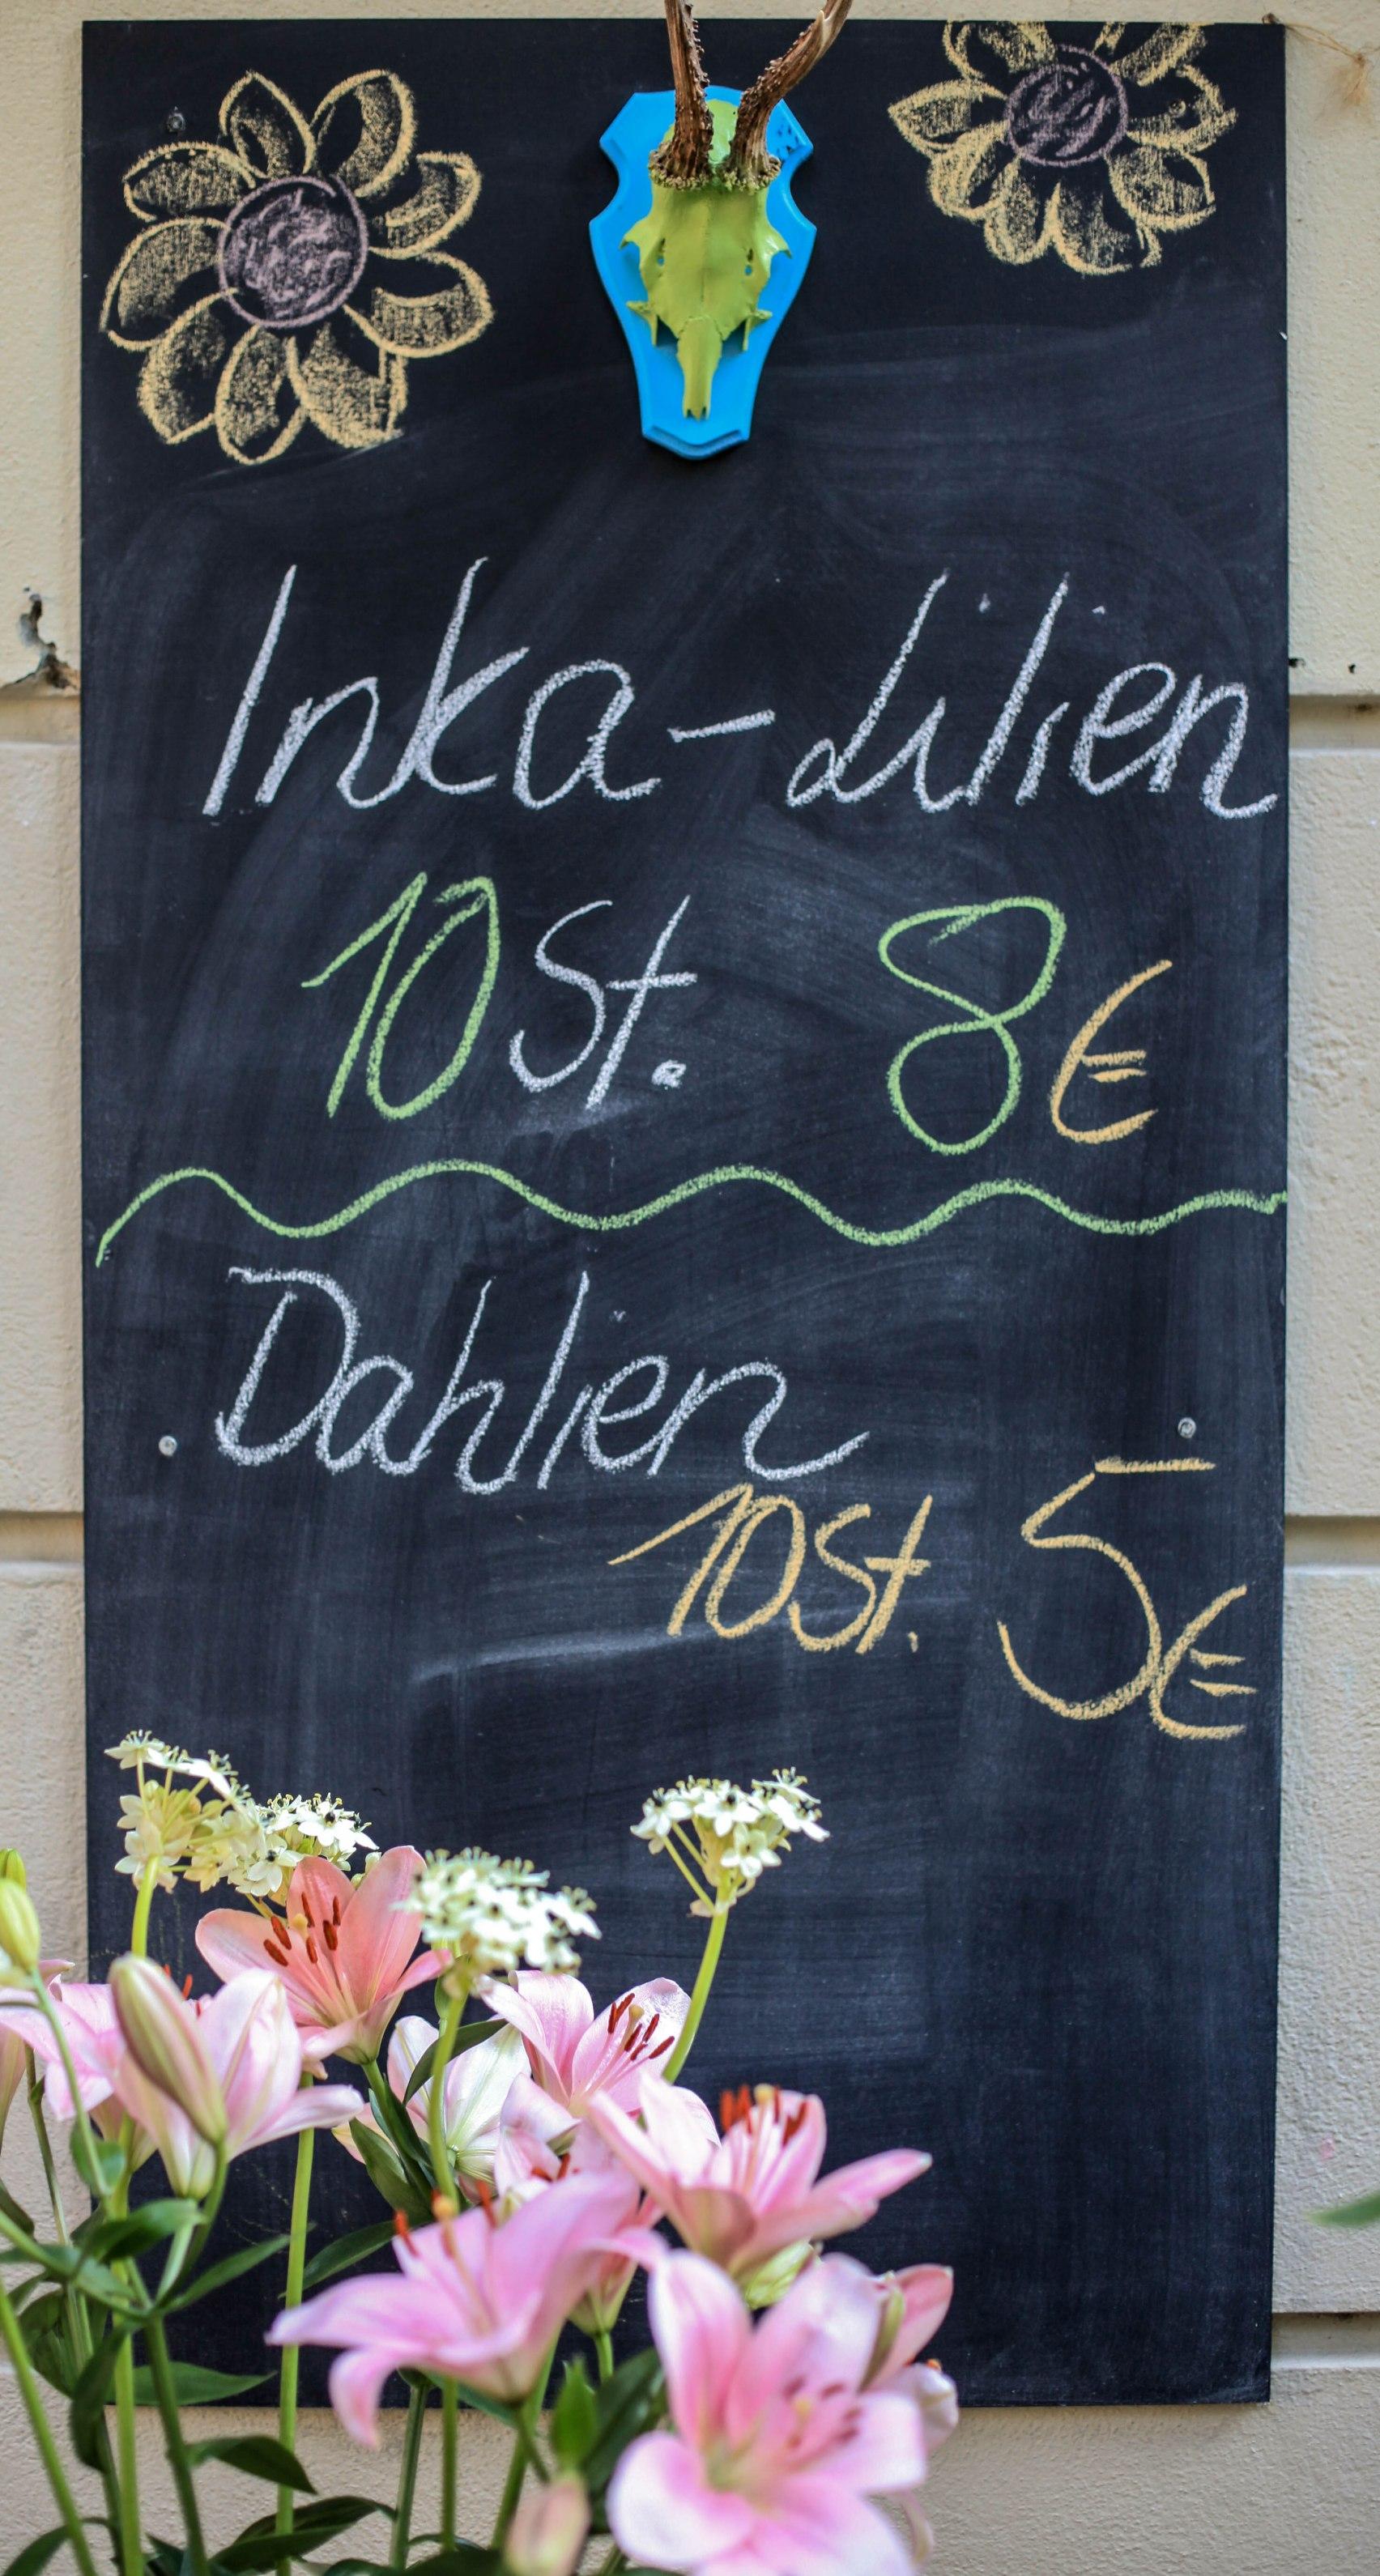 Zehn Inka-Lilien für acht Euro.